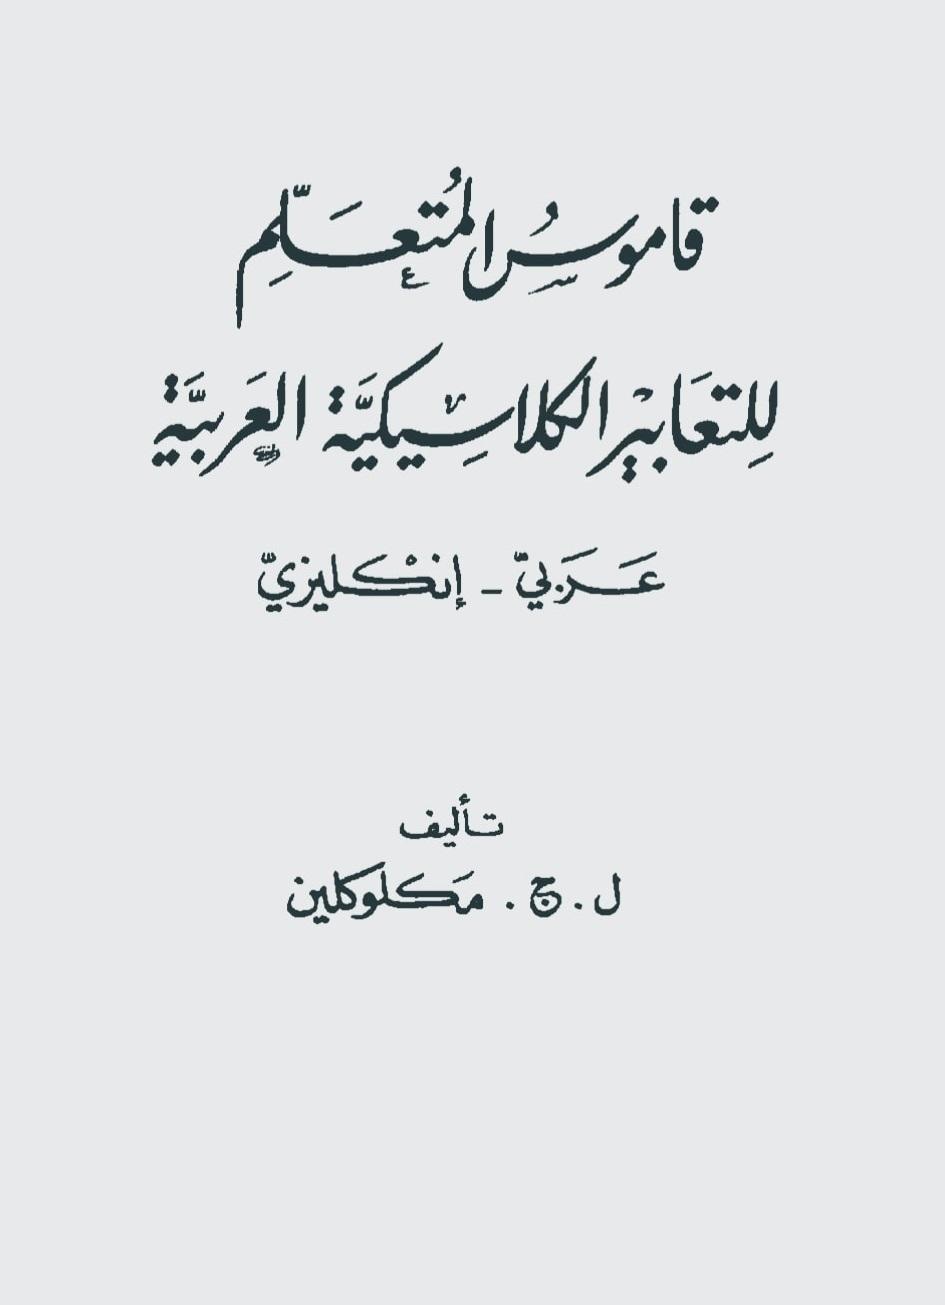 لغة انجليزية: قاموس خاص للتعابير الكلاسيكية العربيه 0107